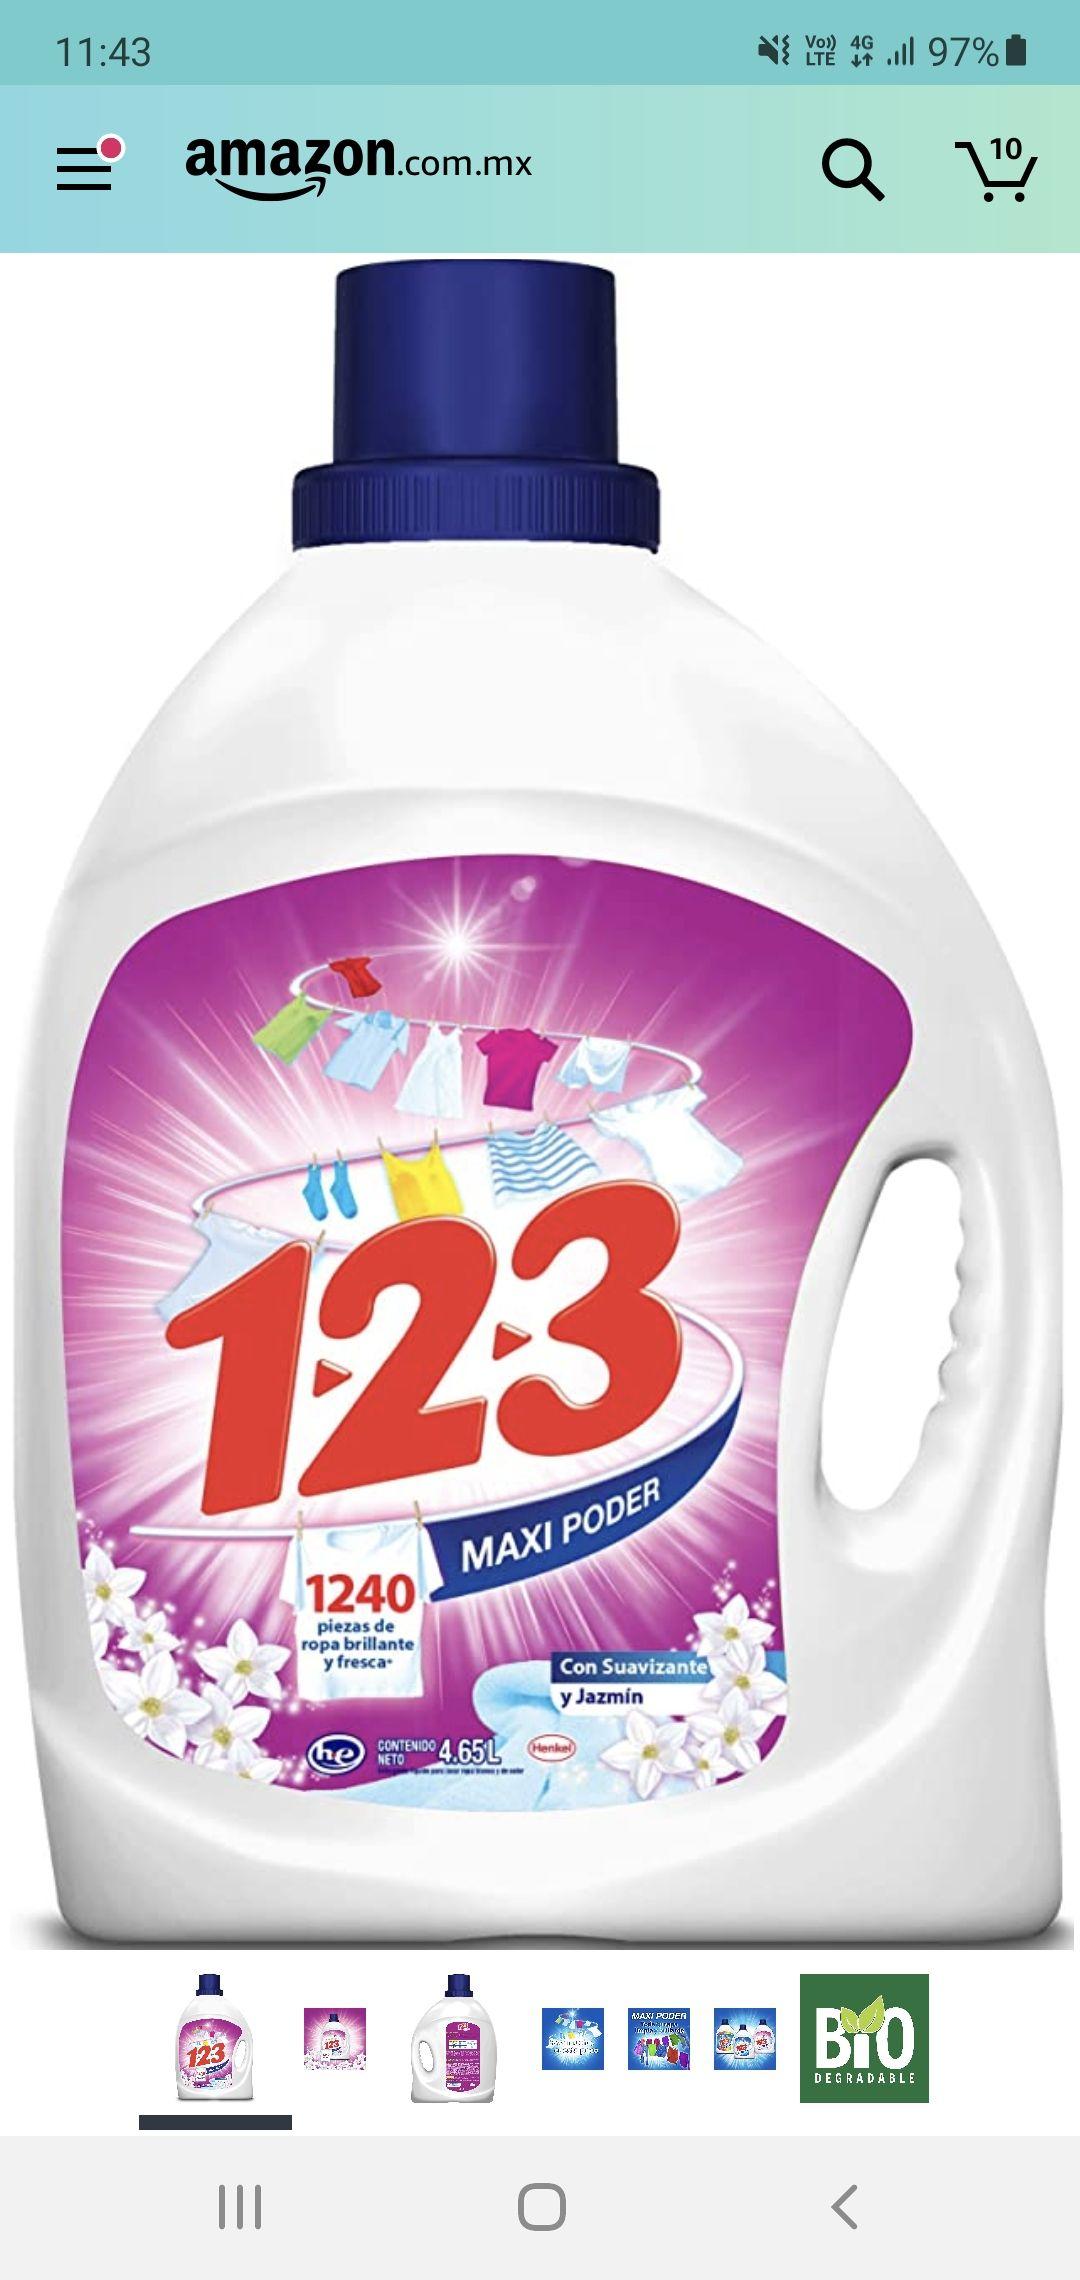 Amazon 123 maxi poder con suavizante y jazmin 4.65 litros ( con planea y ahorra )